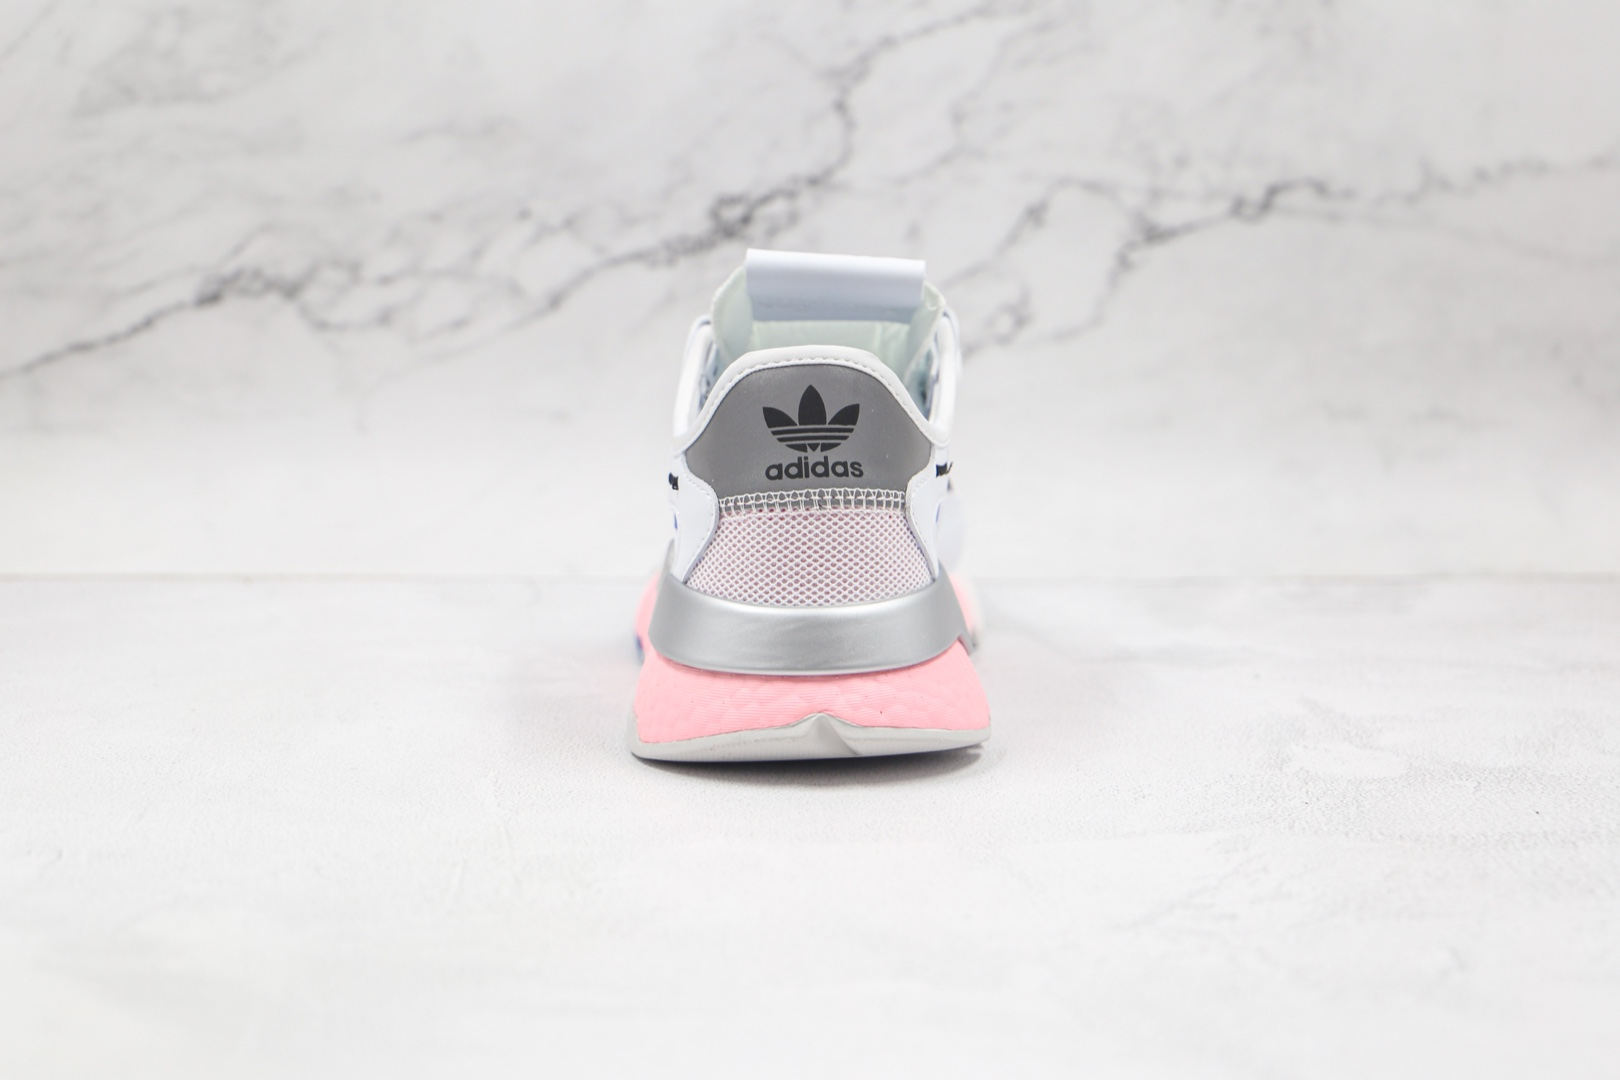 阿迪达斯Adidas Nite Jogger 2019 Boost纯原版本夜行者一代白灰蓝粉色爆米花跑鞋原楦头纸板打造 货号:FY5748